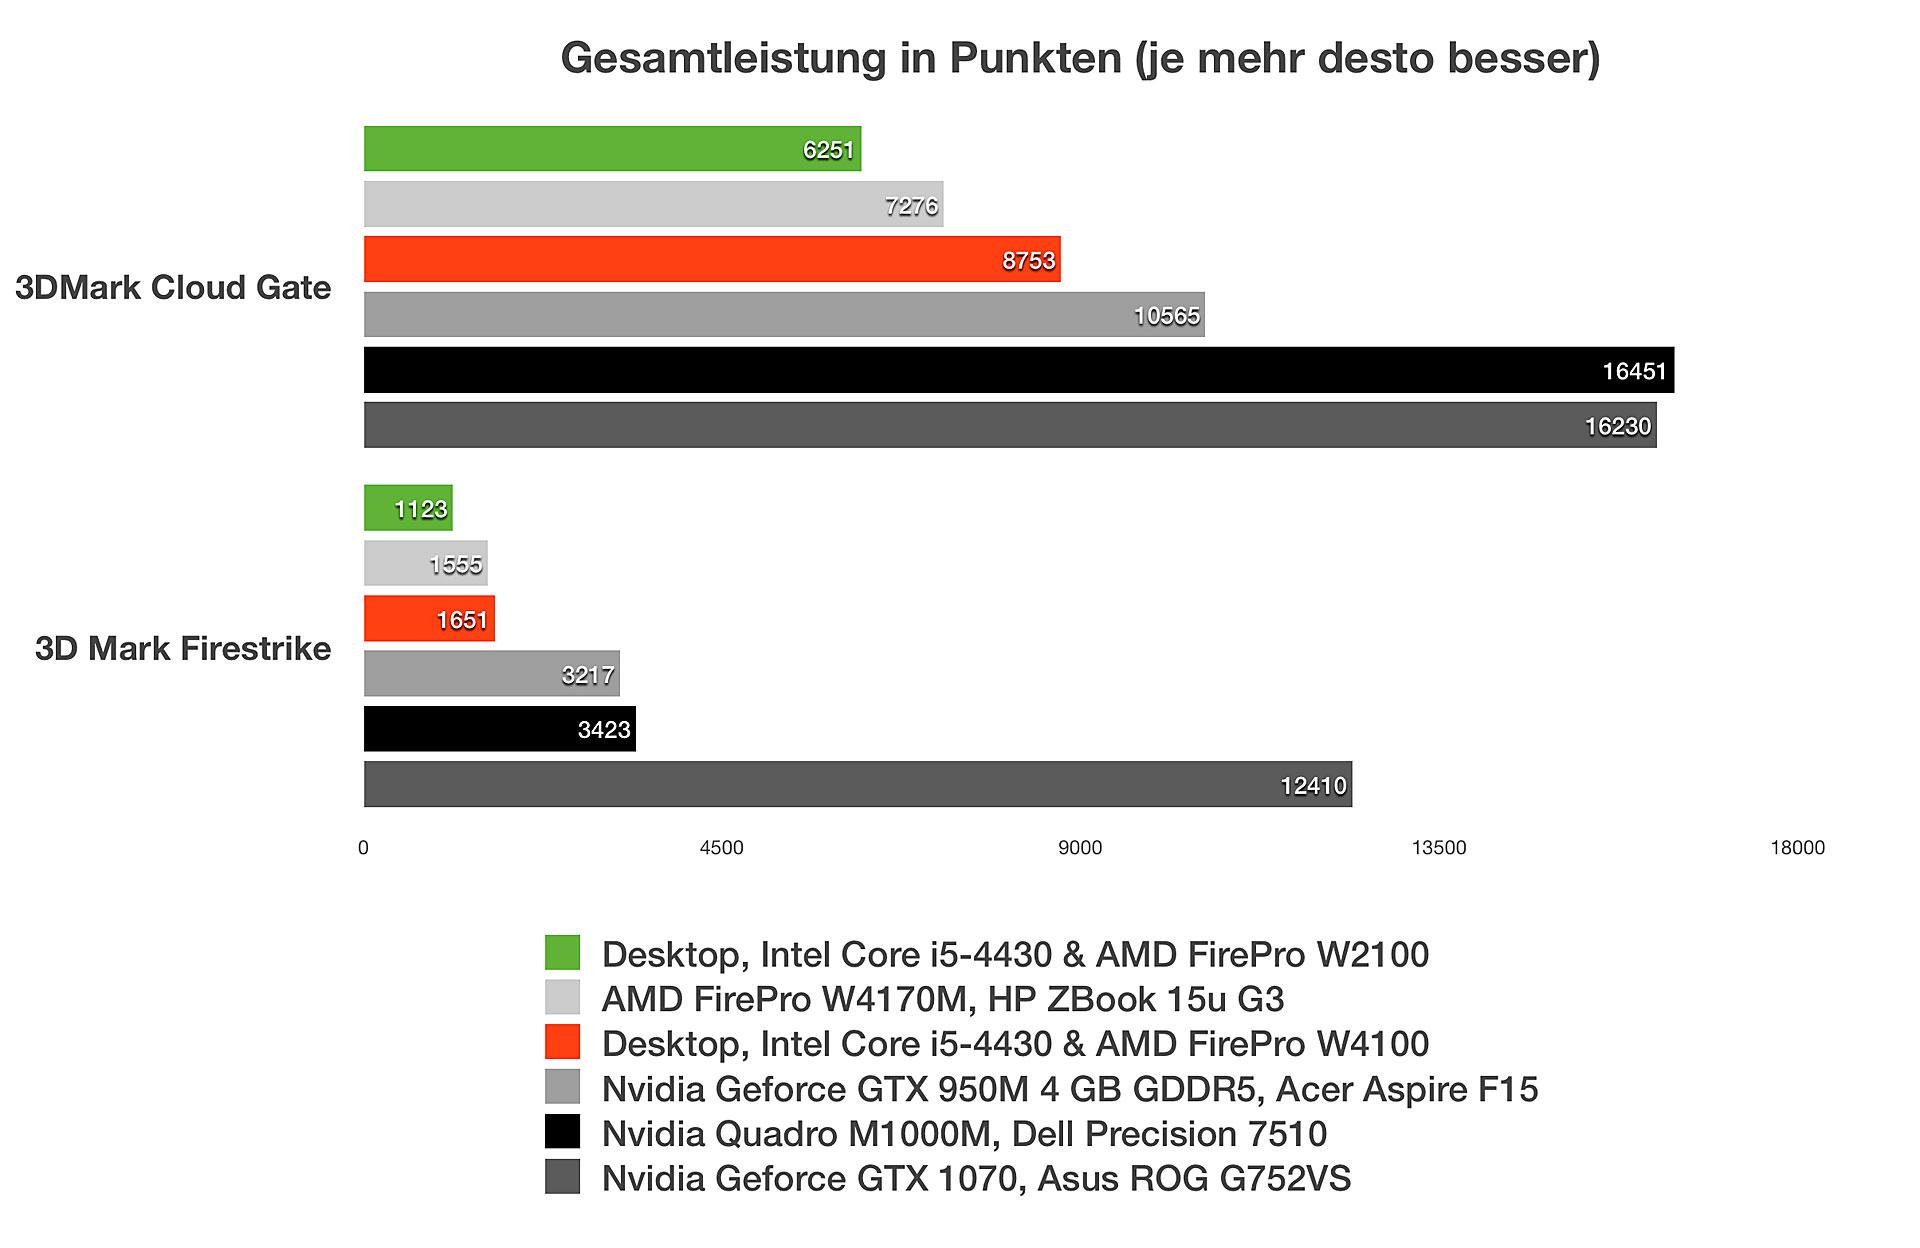 AMD FirePro W4100: 3D Mark Cloud Gate & Firestrike